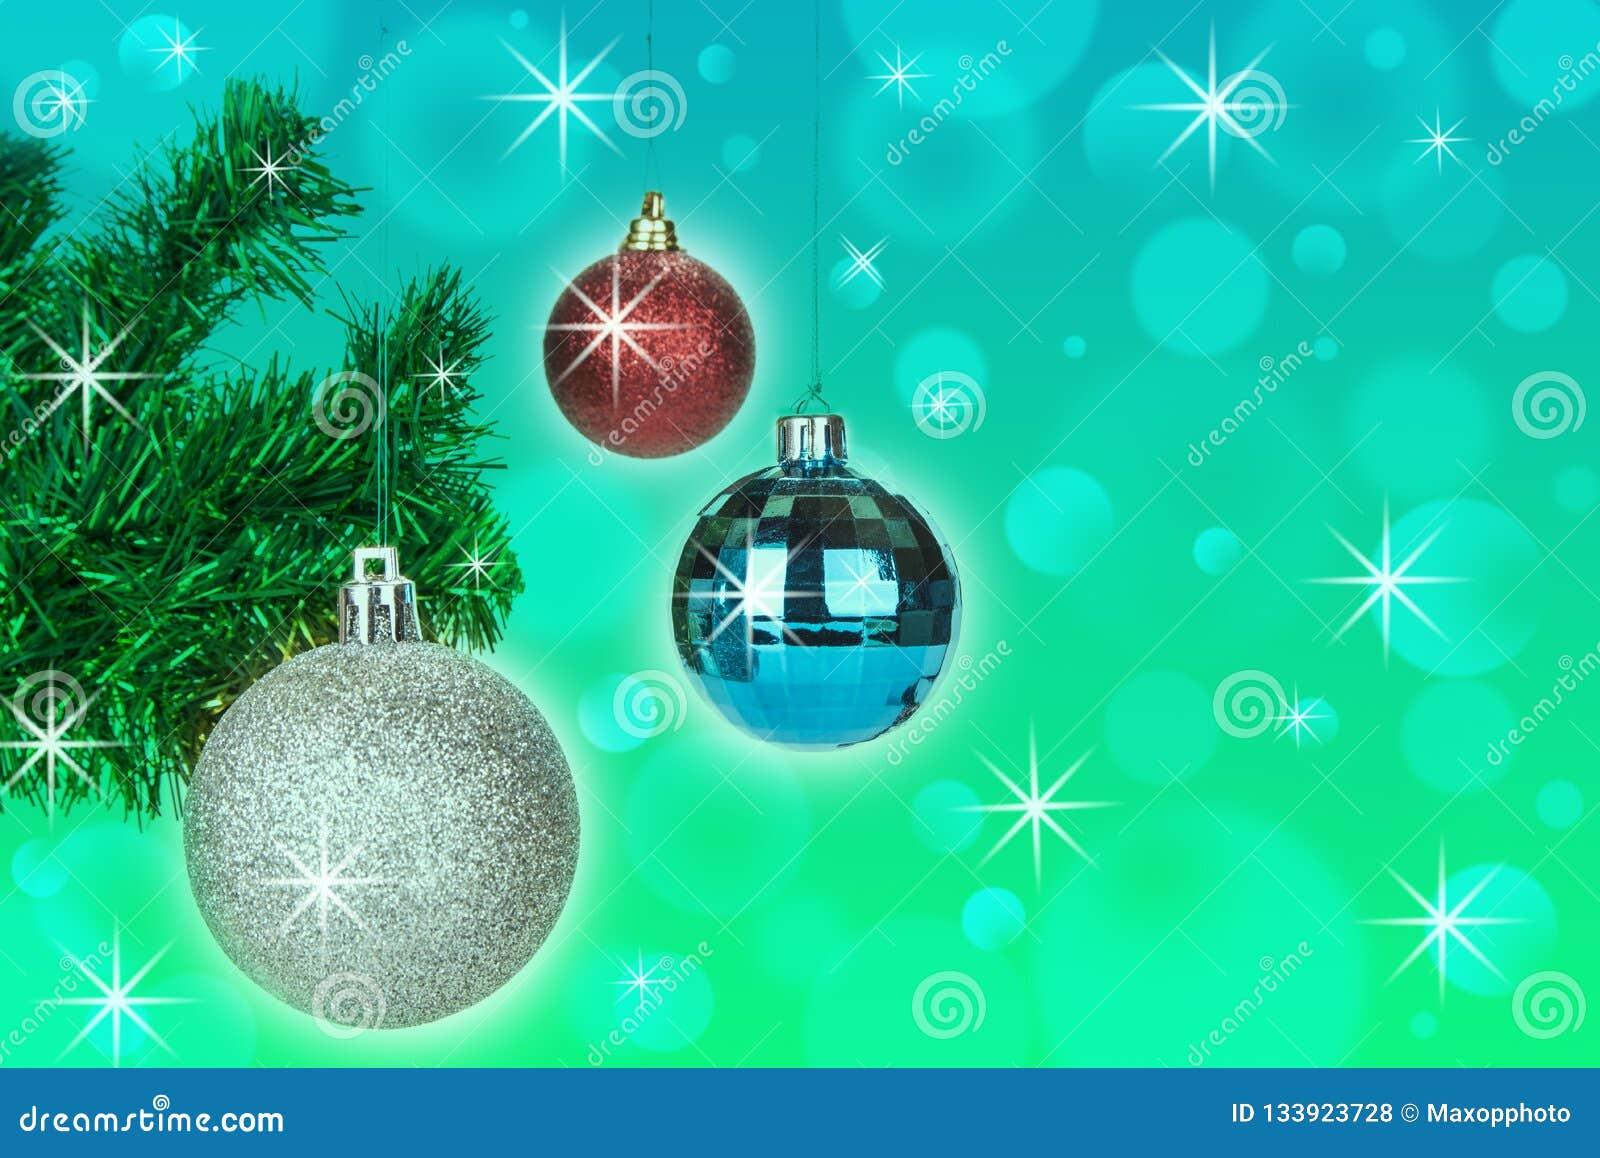 De decoratie van Kerstmisballen op abstracte bokehachtergrond